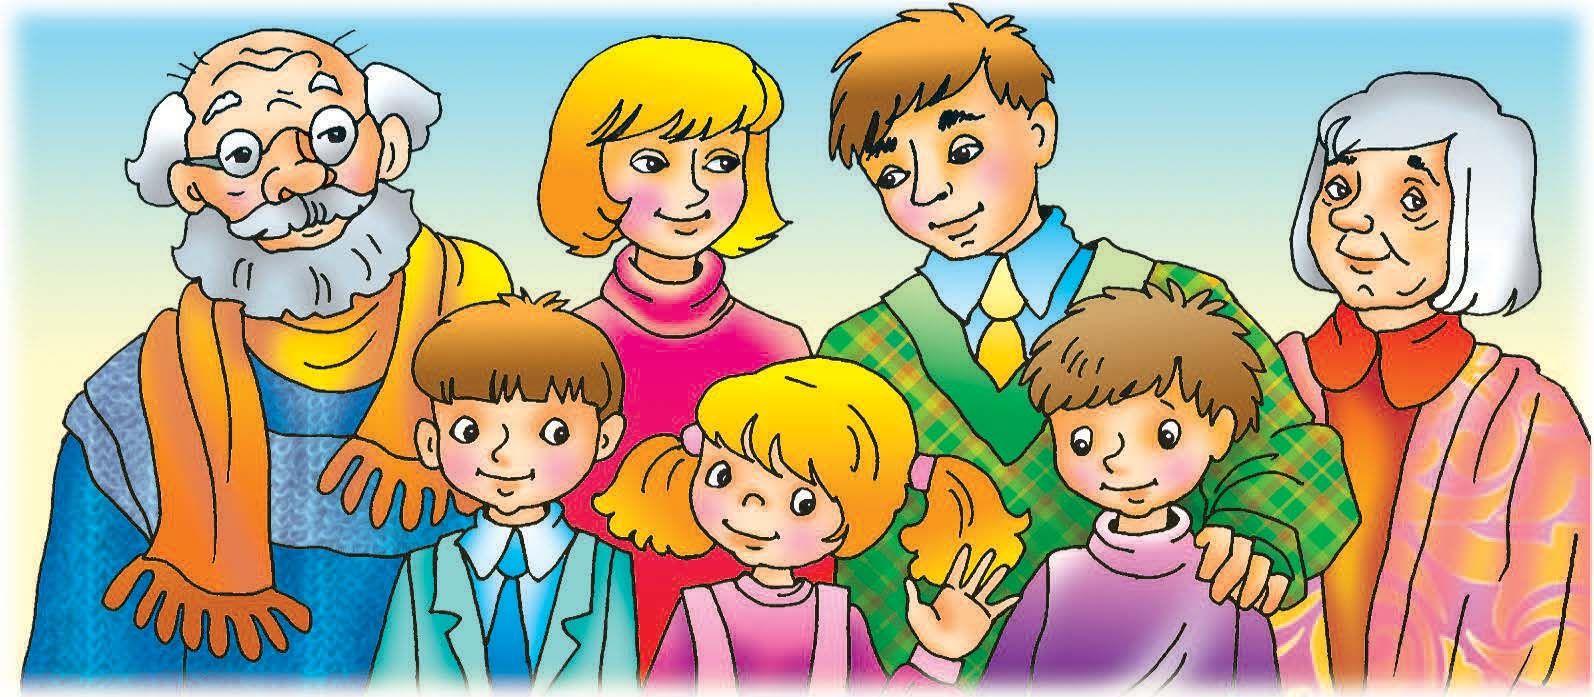 Картинки с изображением семьи для школы, упа бог простит